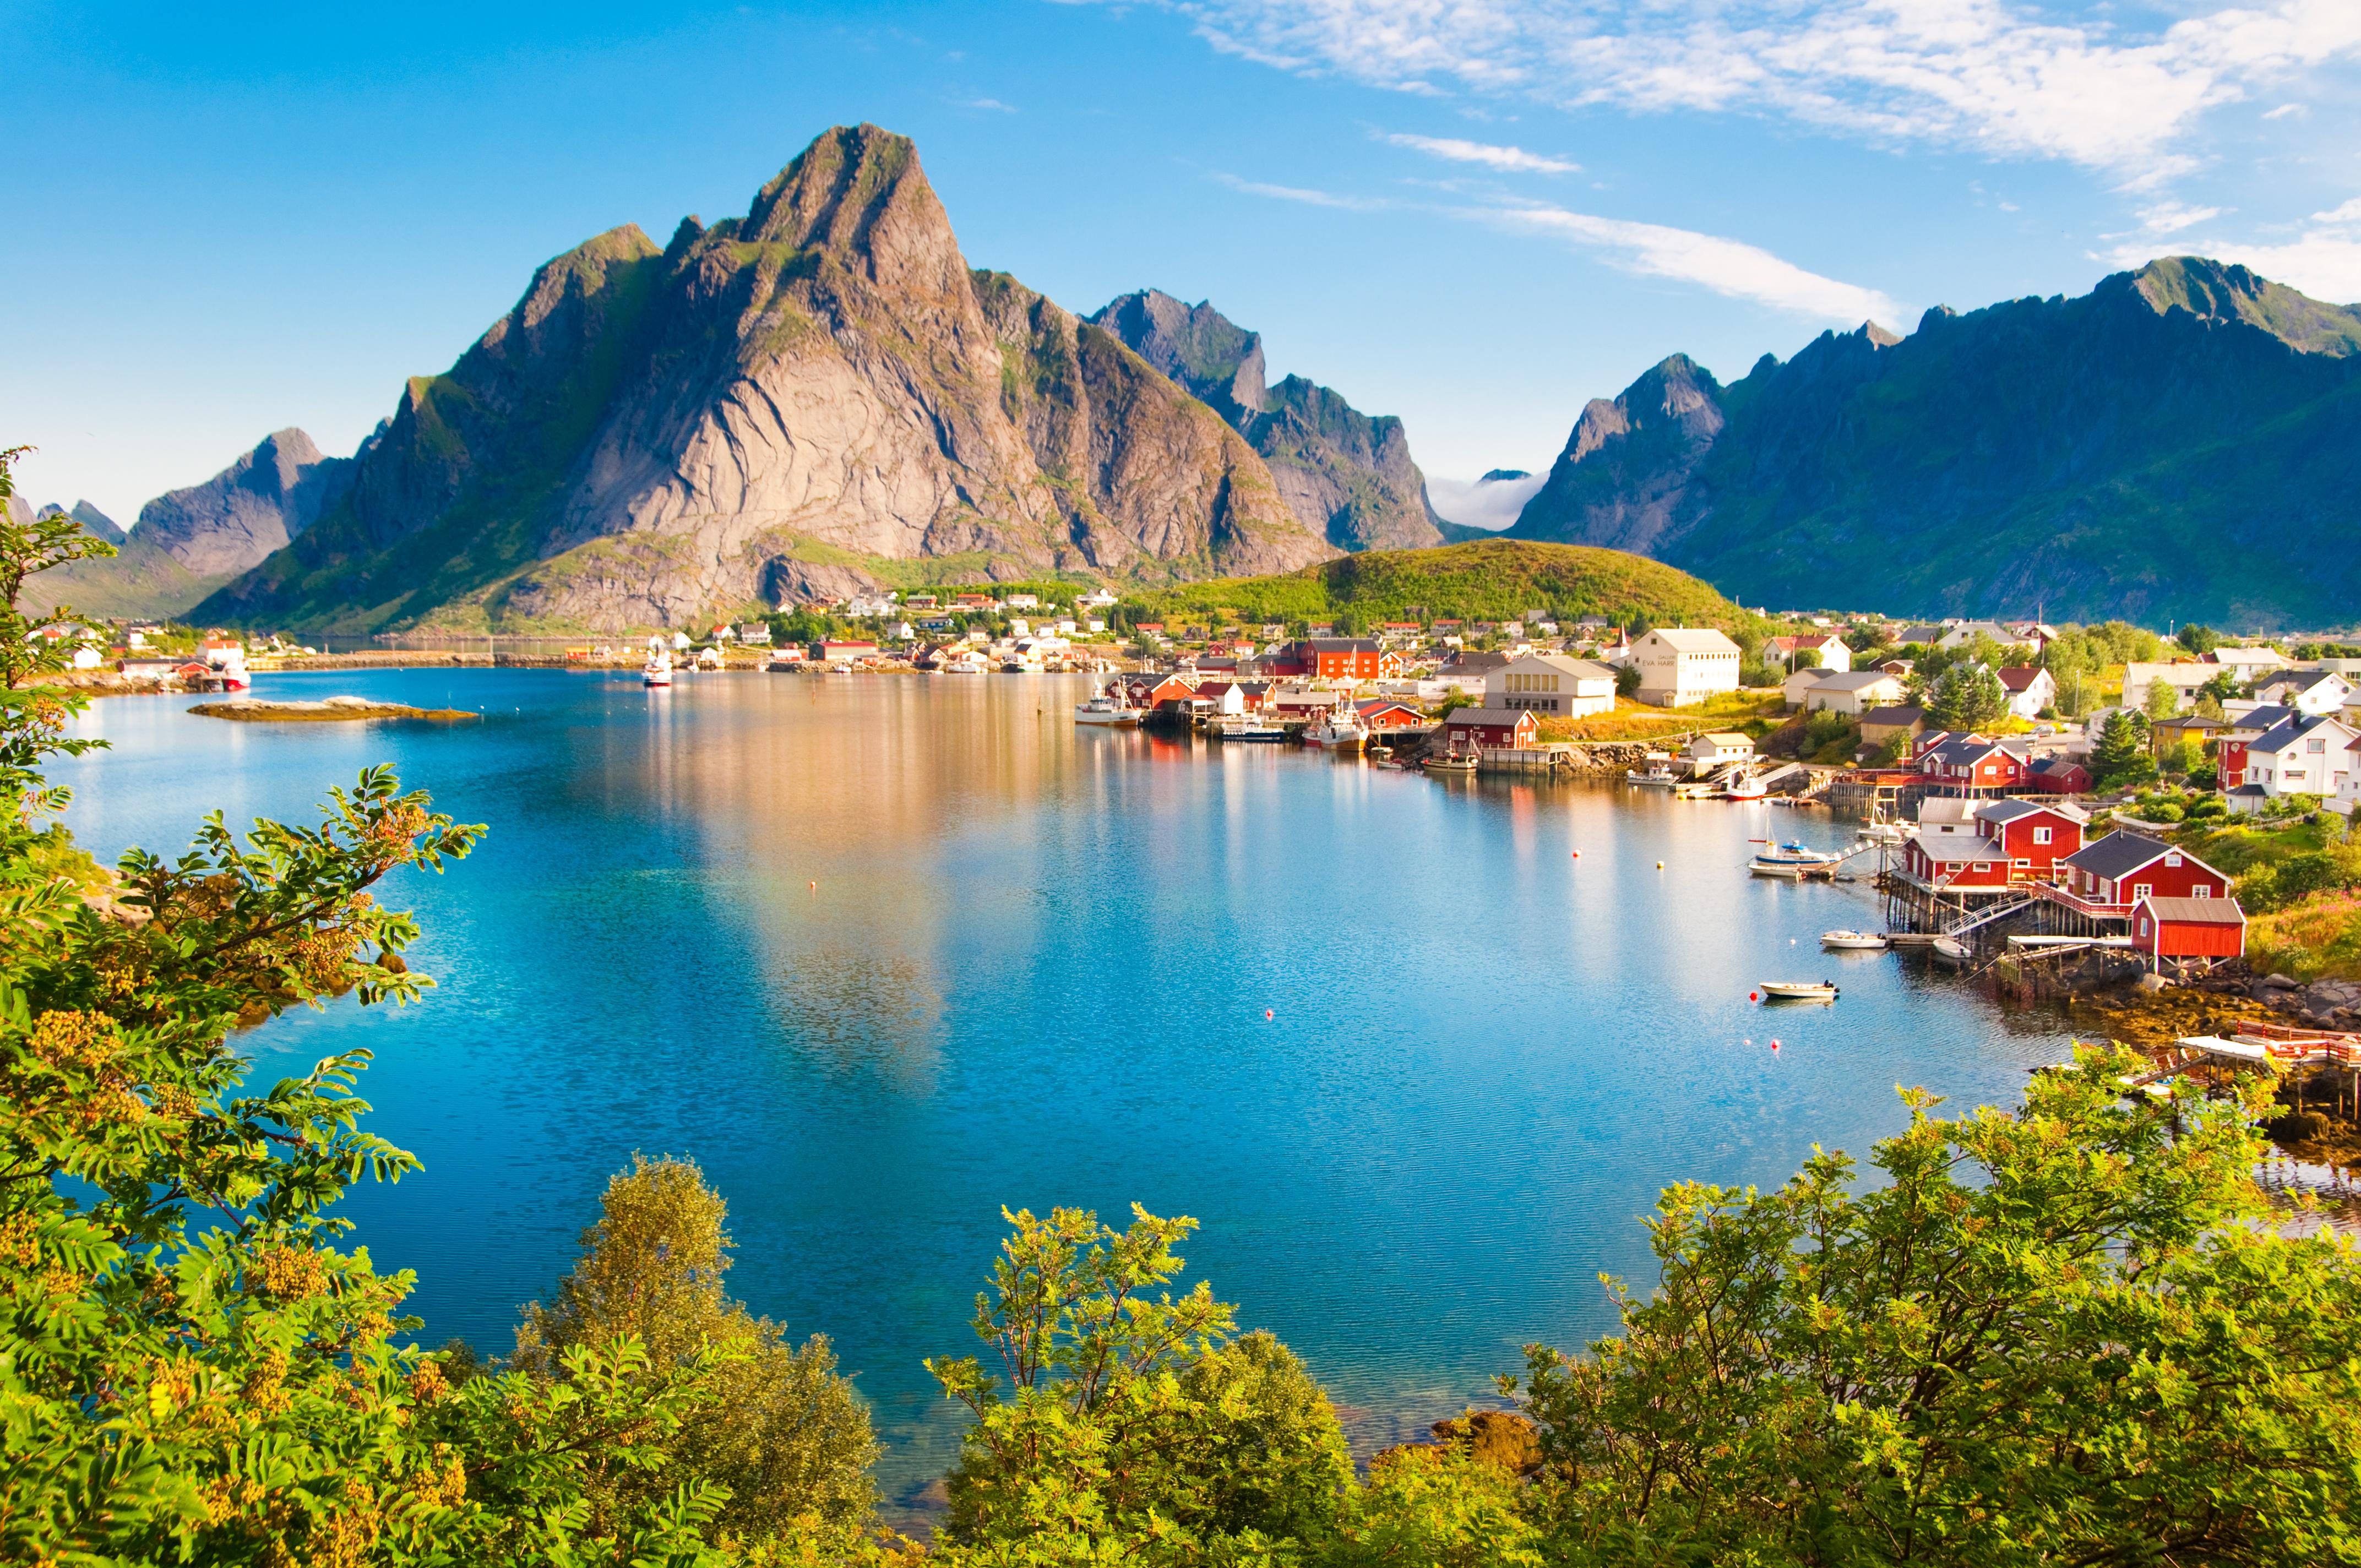 https://assets.eberhardt-travel.de/2019/Norwegen/72133_Lofoten_Inseln_Norwegen_Original.jpg